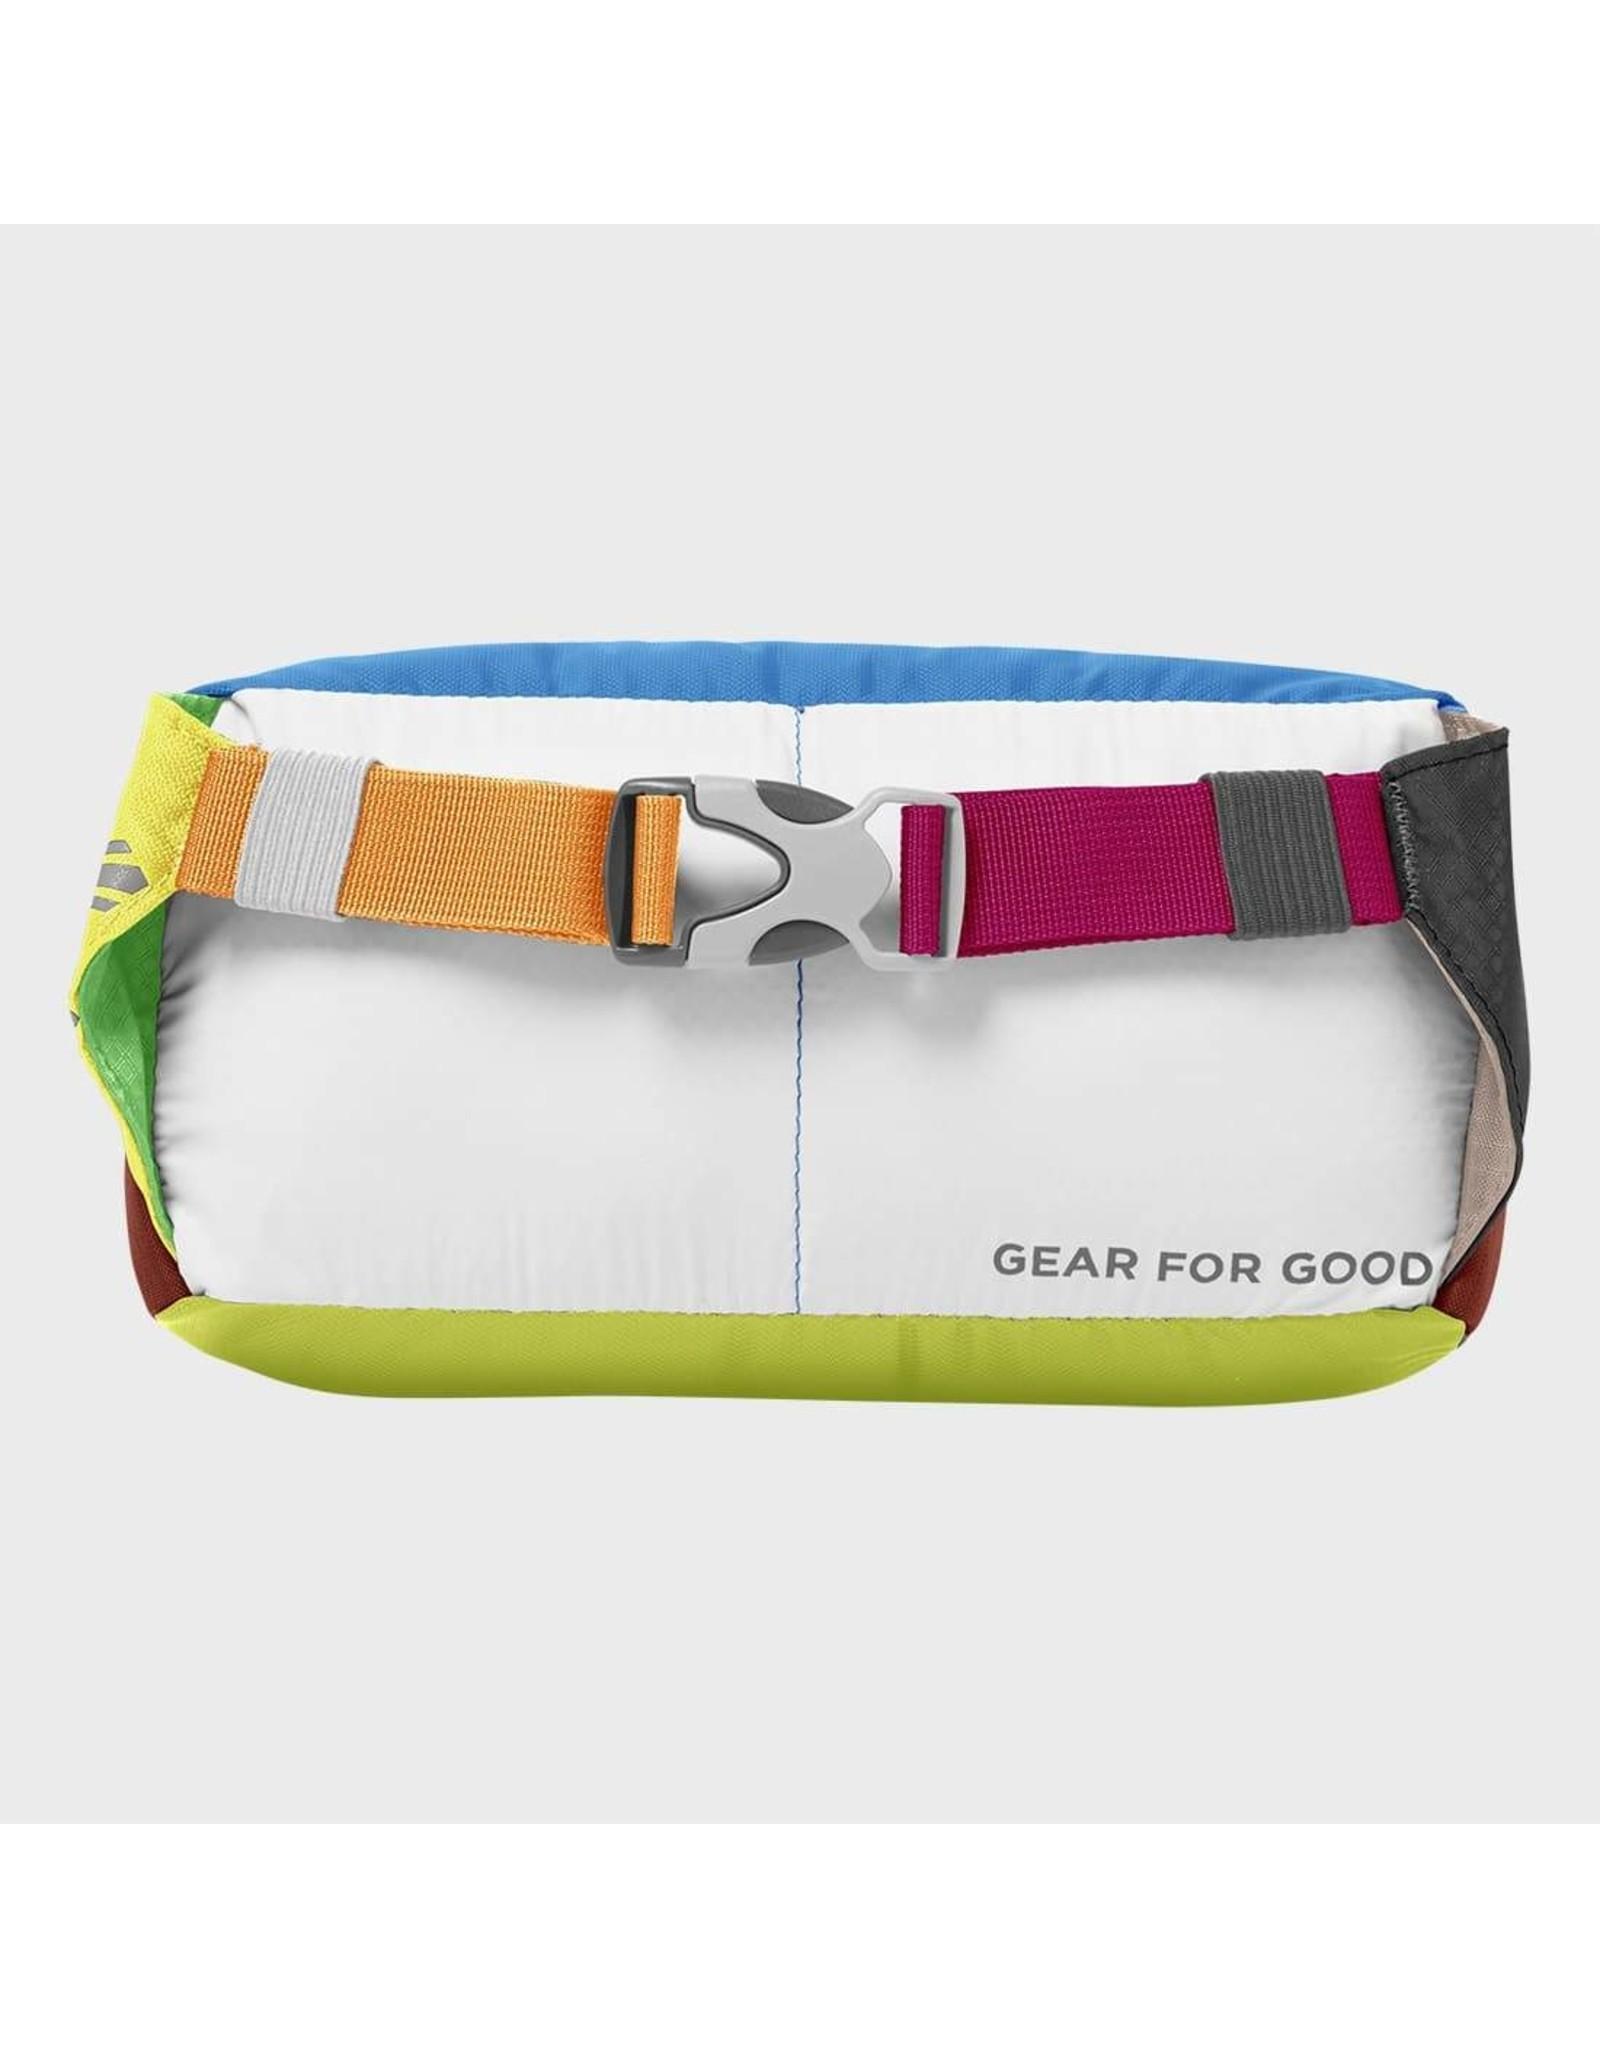 Cotopaxi Bataan Fanny Pack Deldia Size 3L